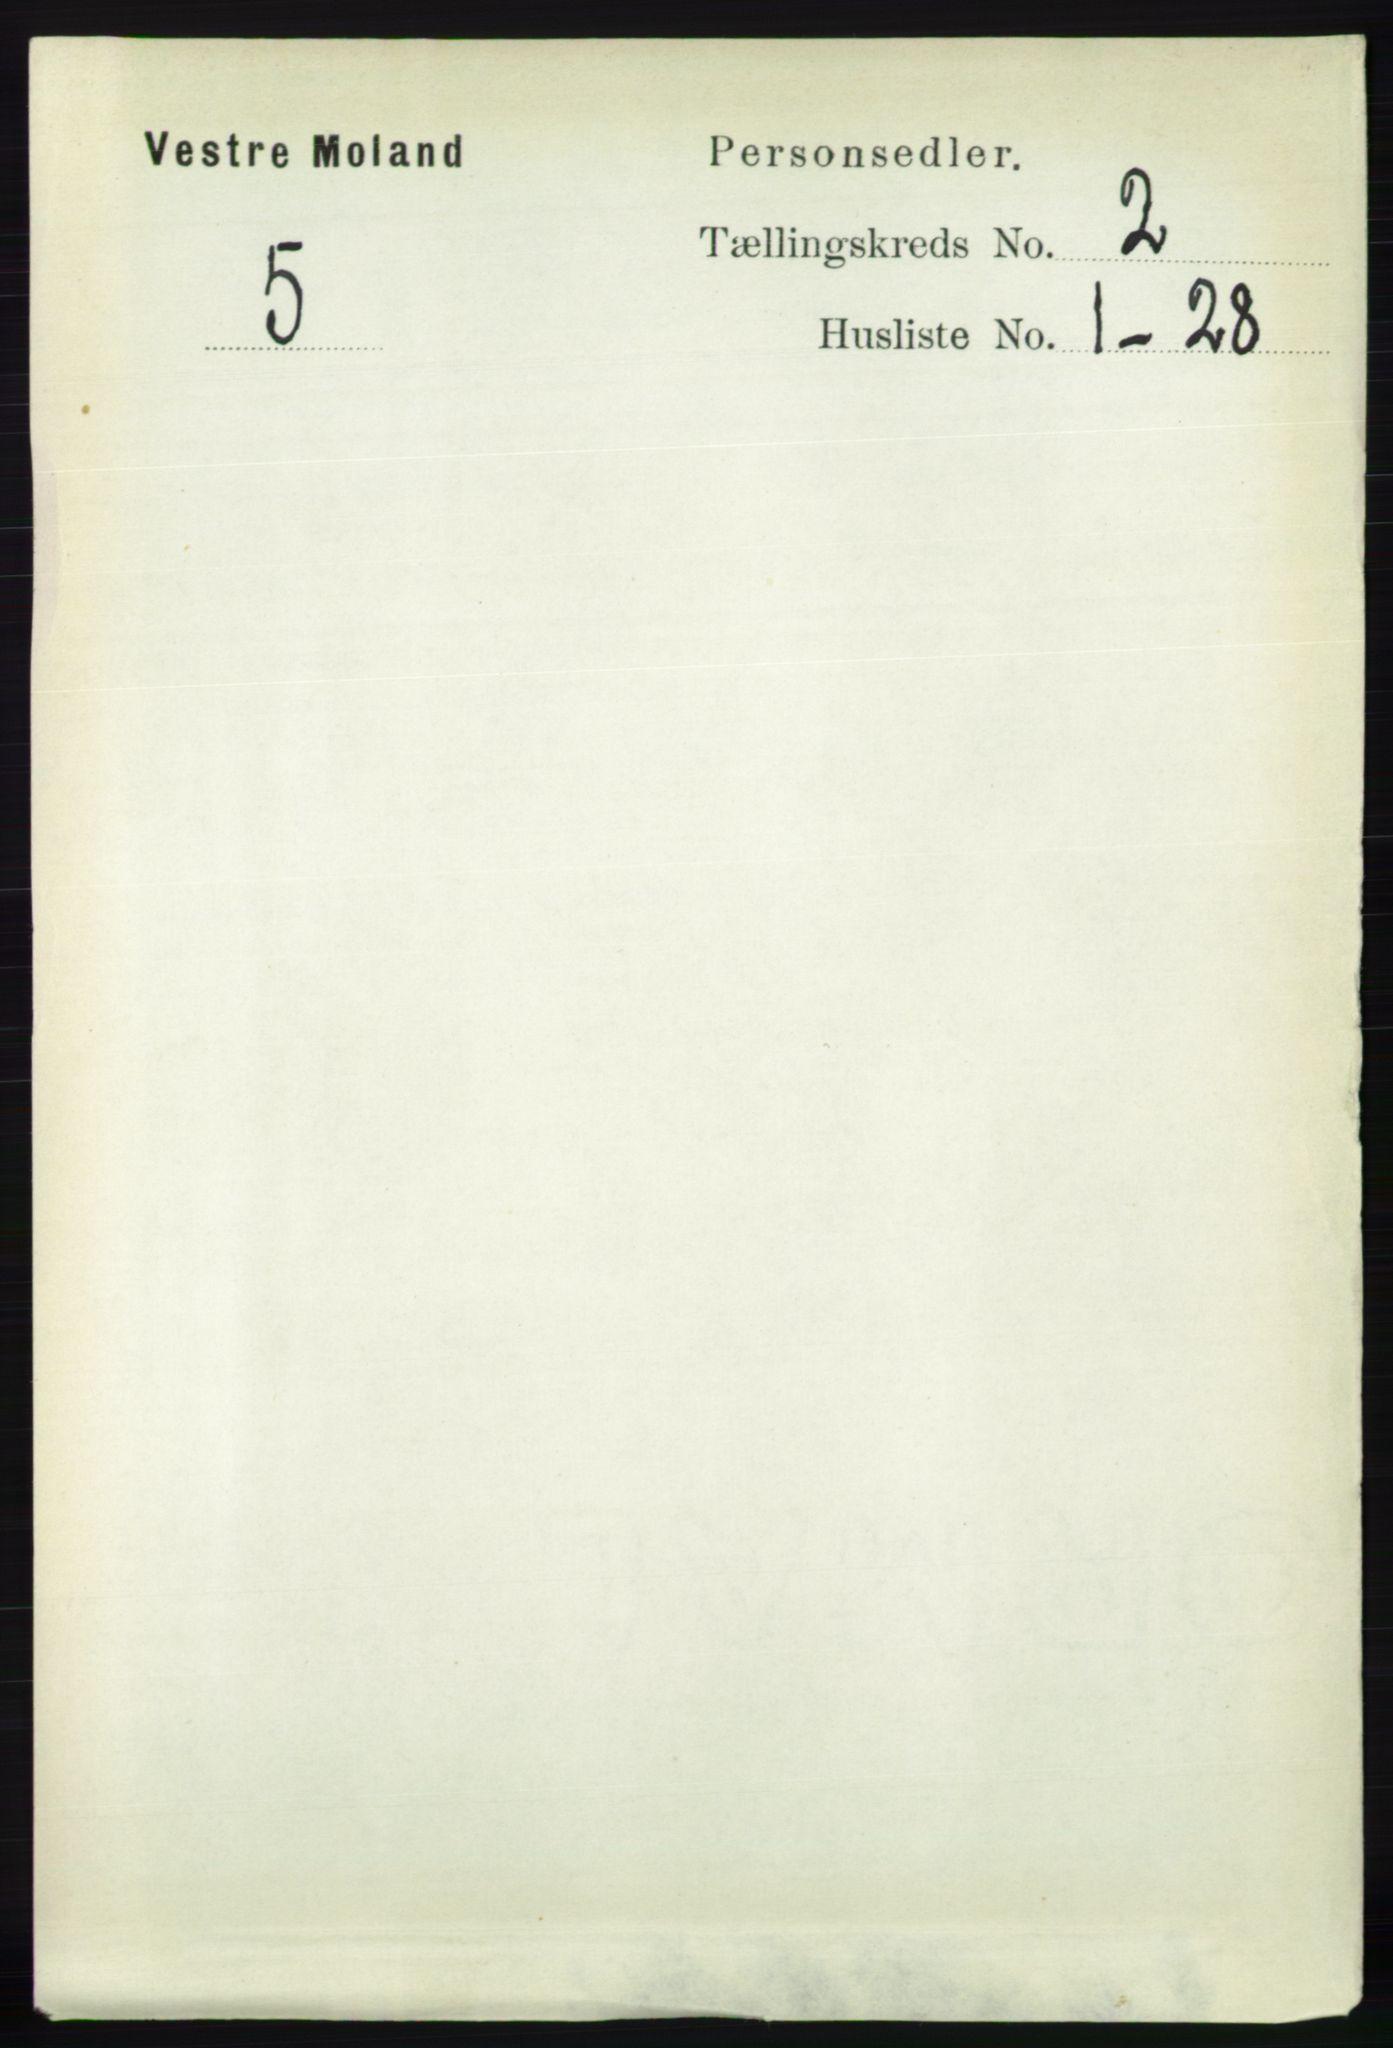 RA, Folketelling 1891 for 0926 Vestre Moland herred, 1891, s. 626